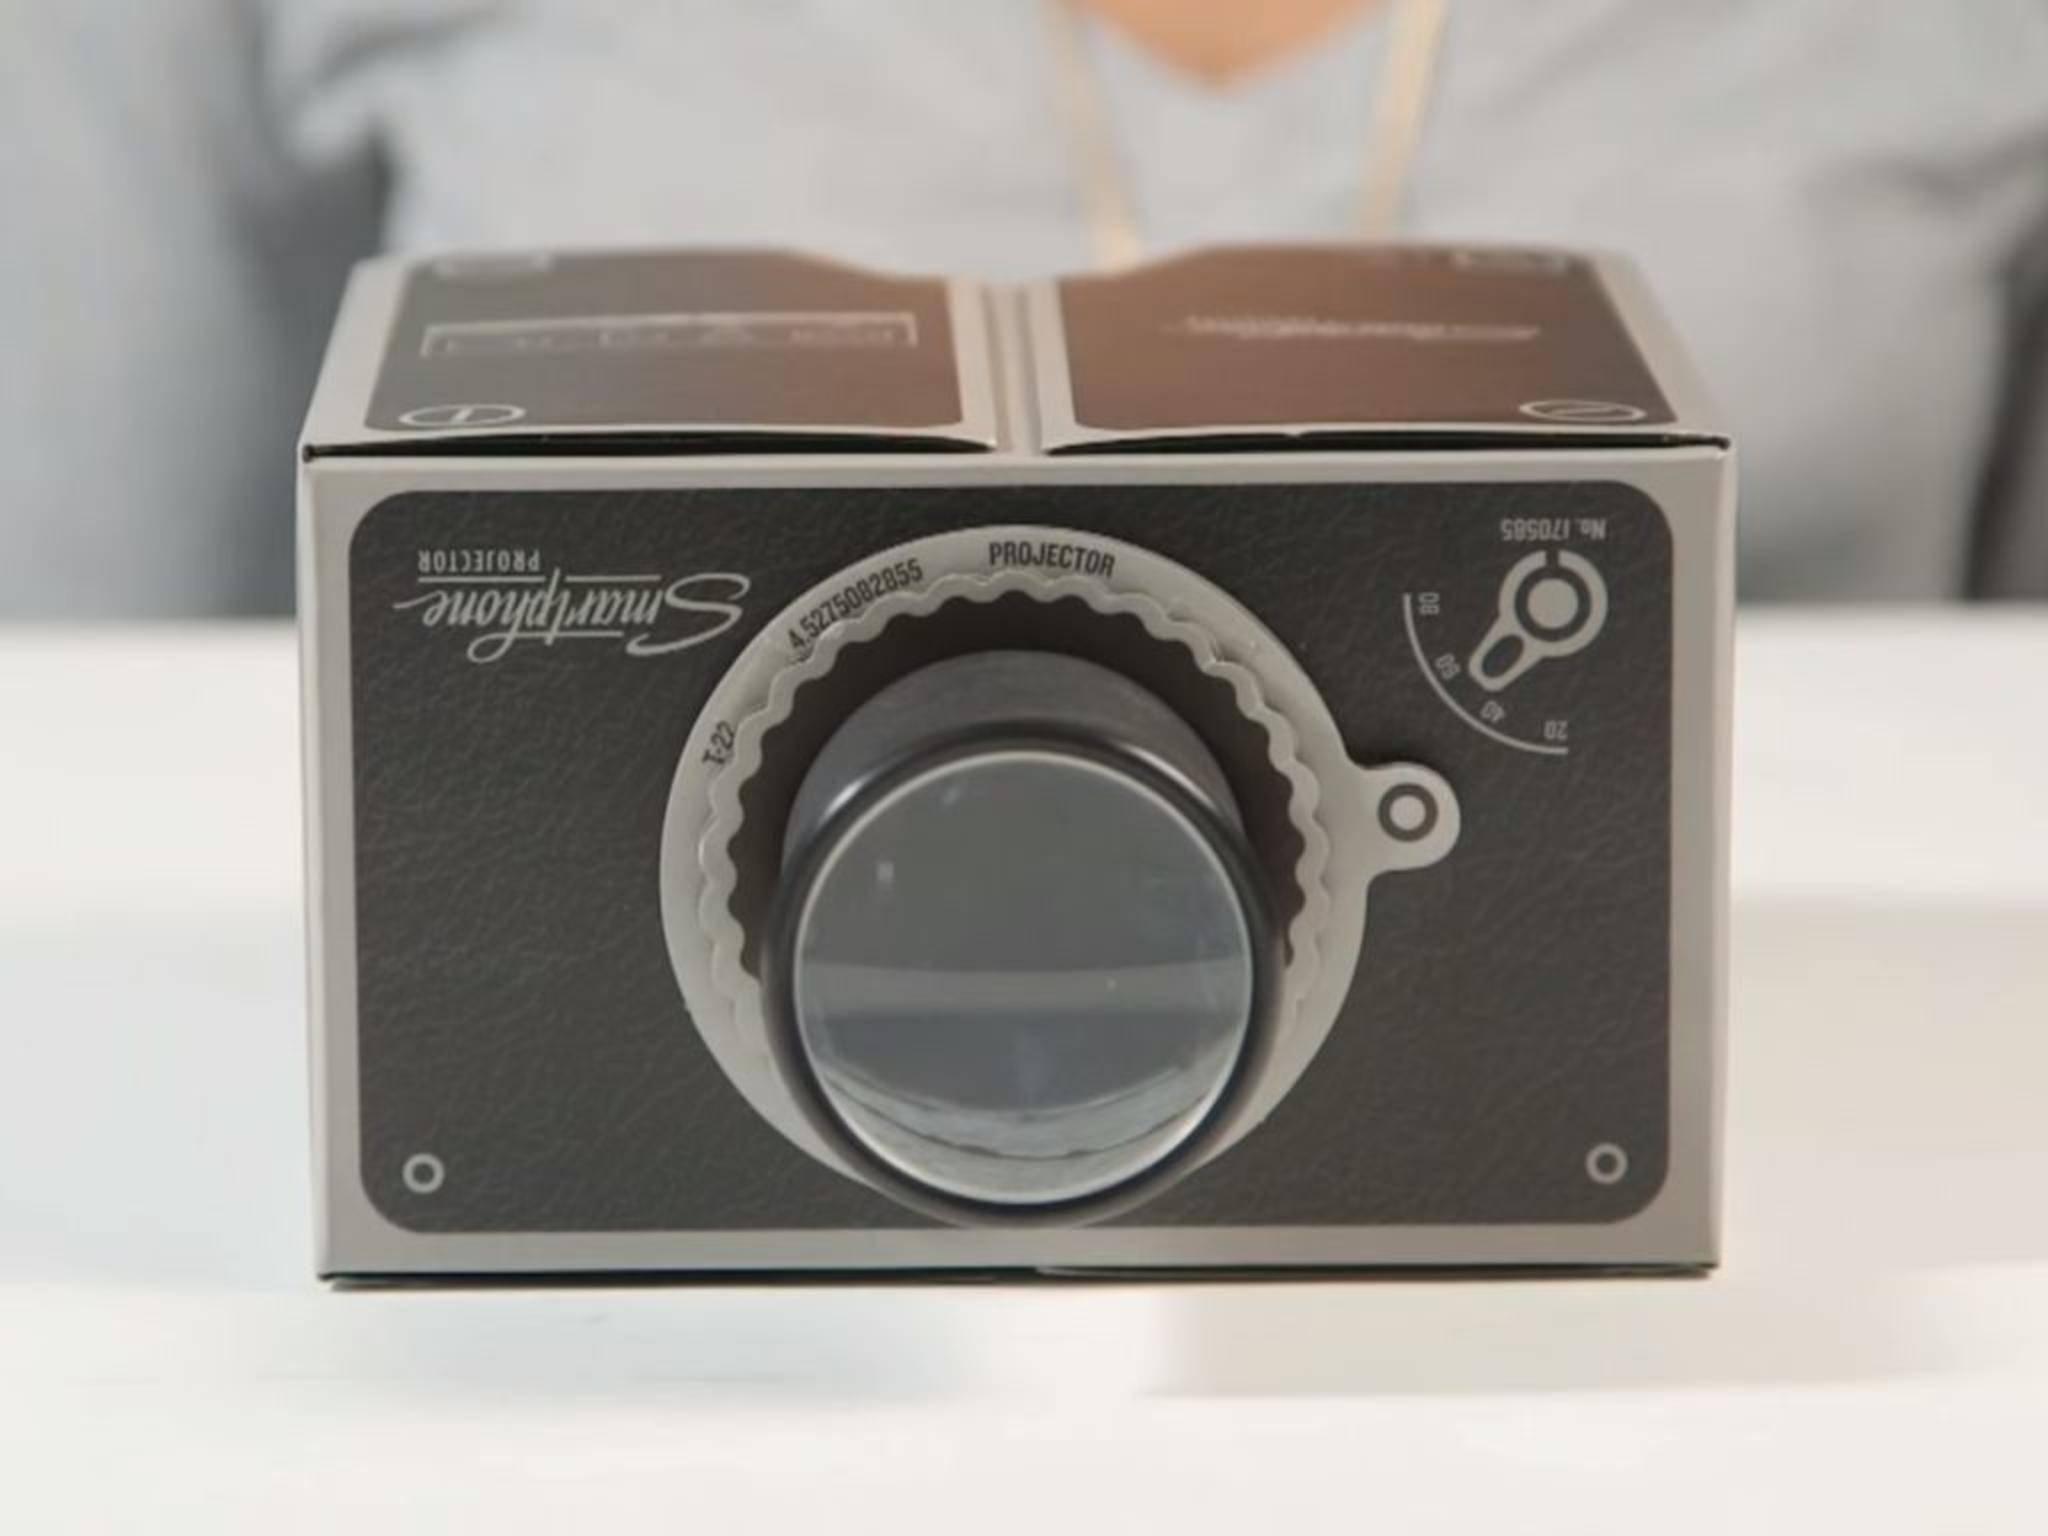 Bastel-Kits für Smartphone-Projektoren kannst Du auch kaufen.